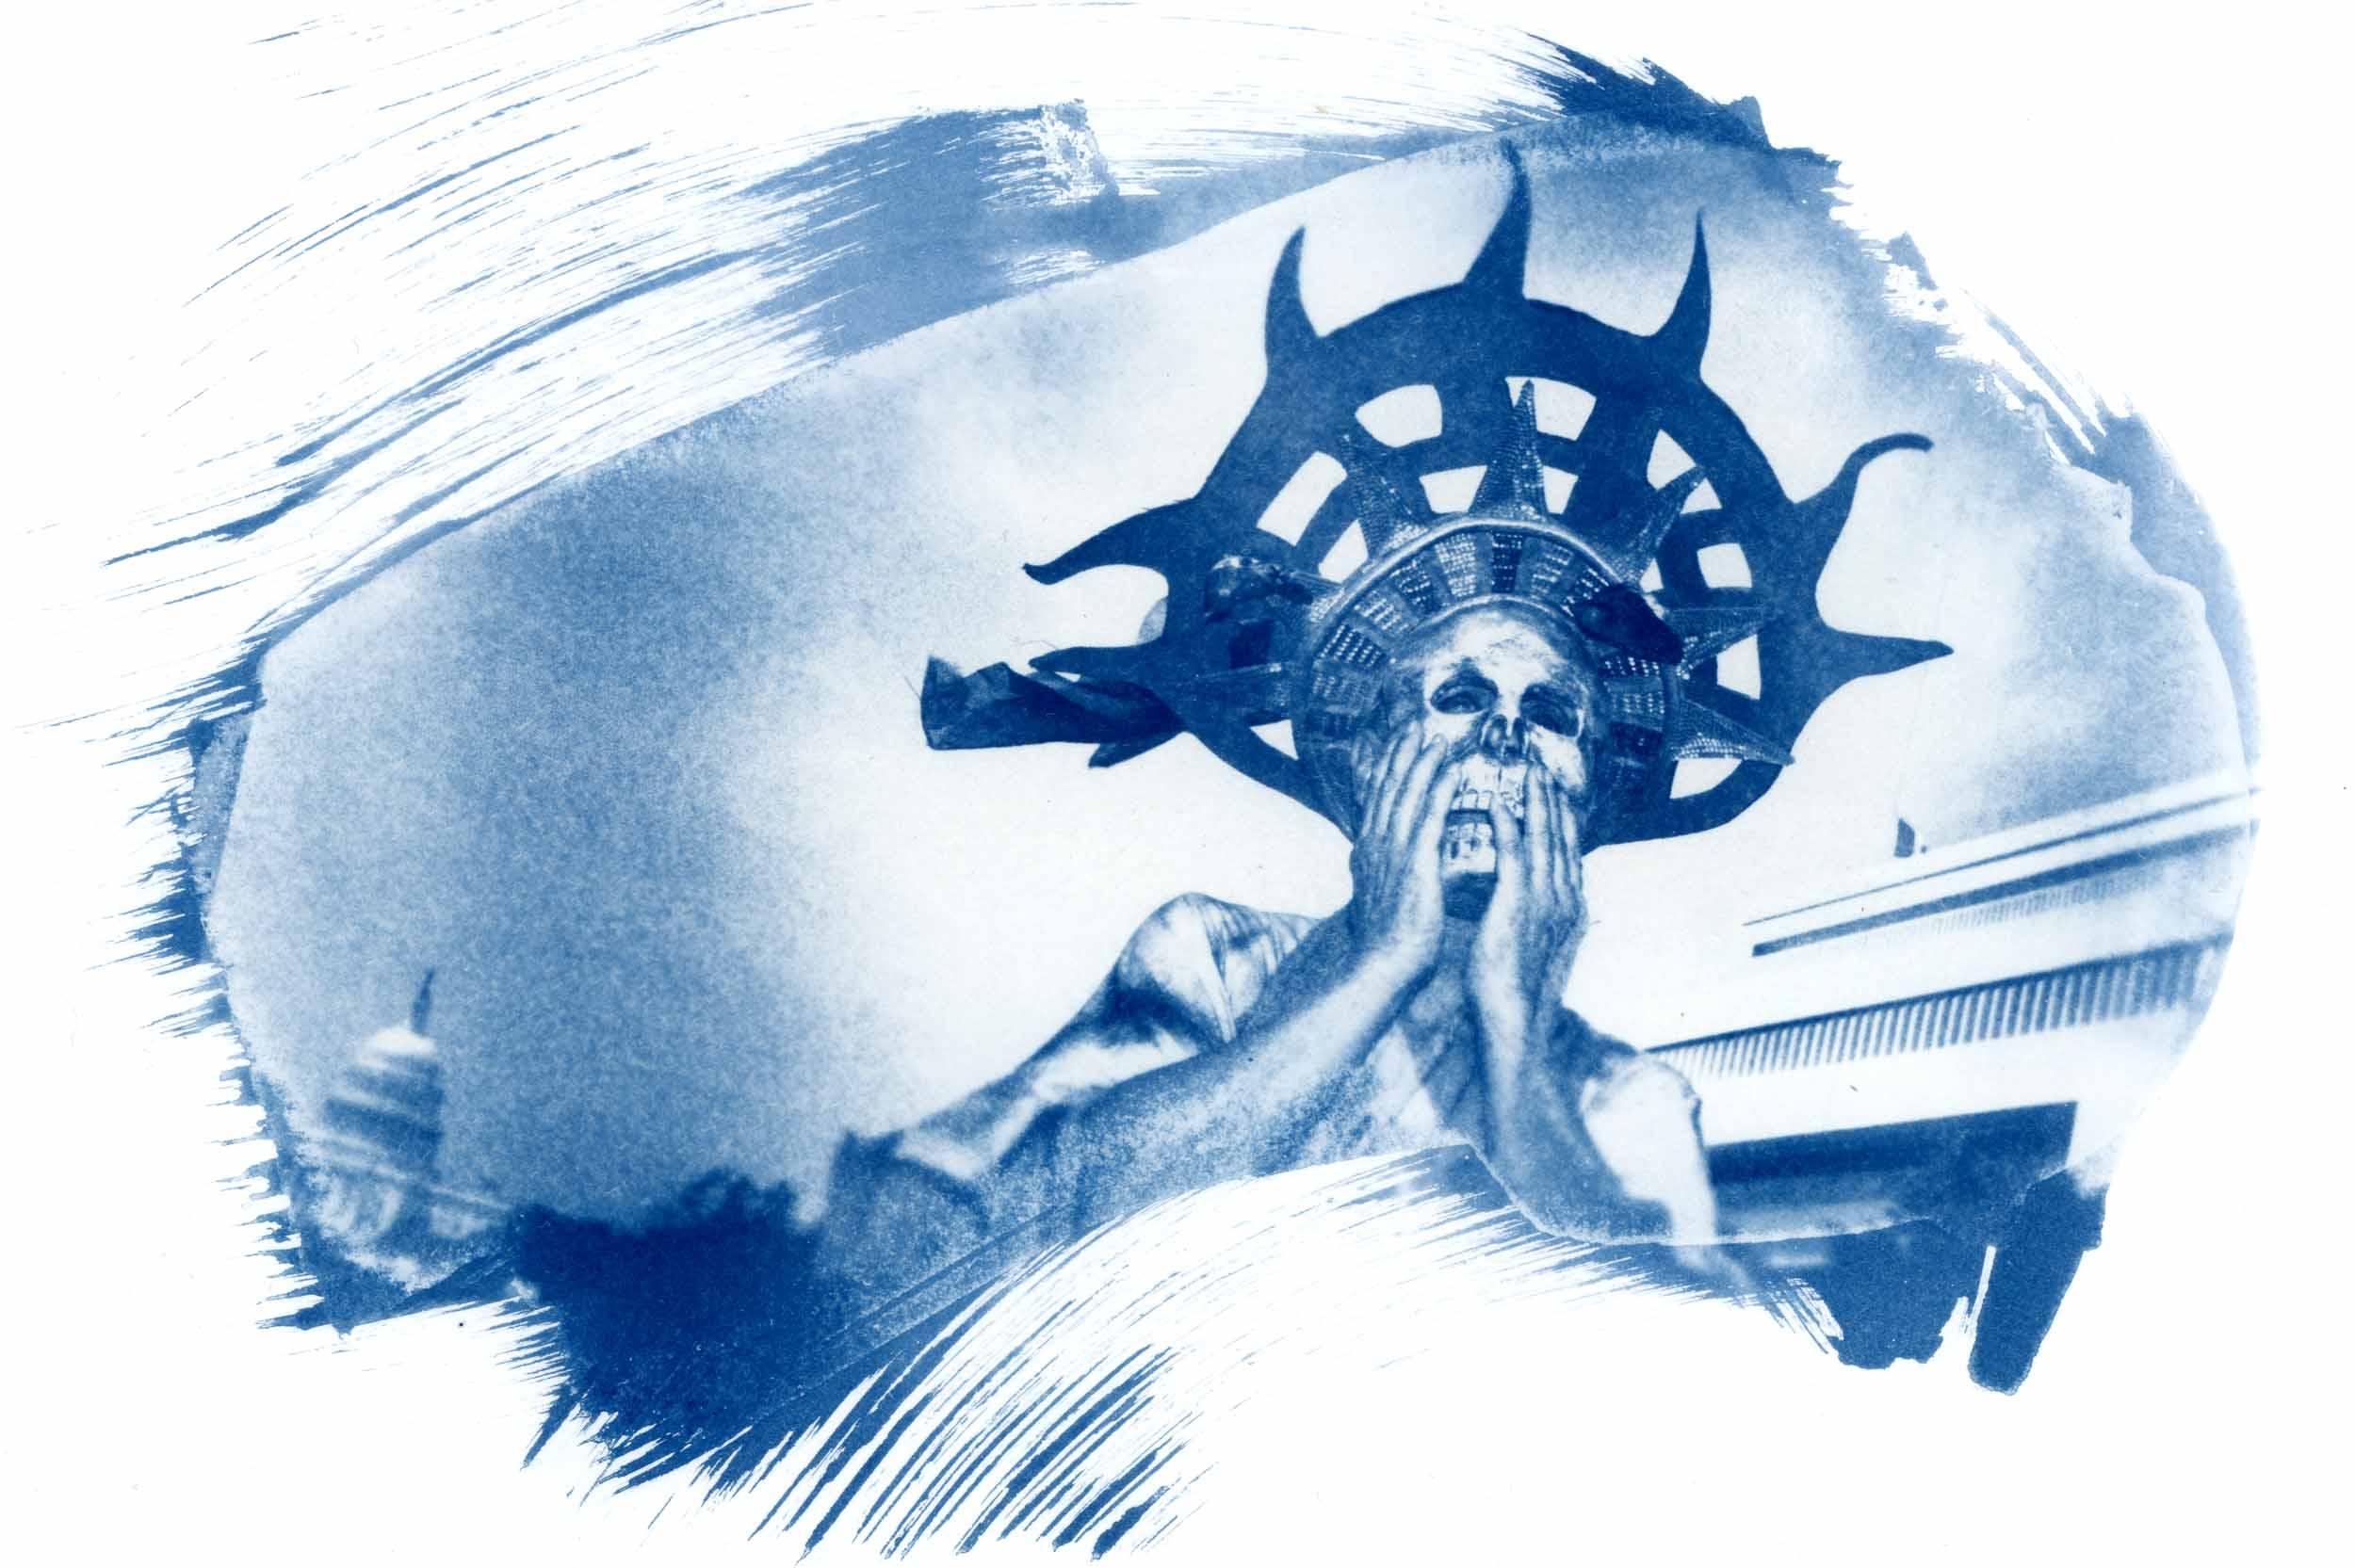 cyanotype-26.jpg